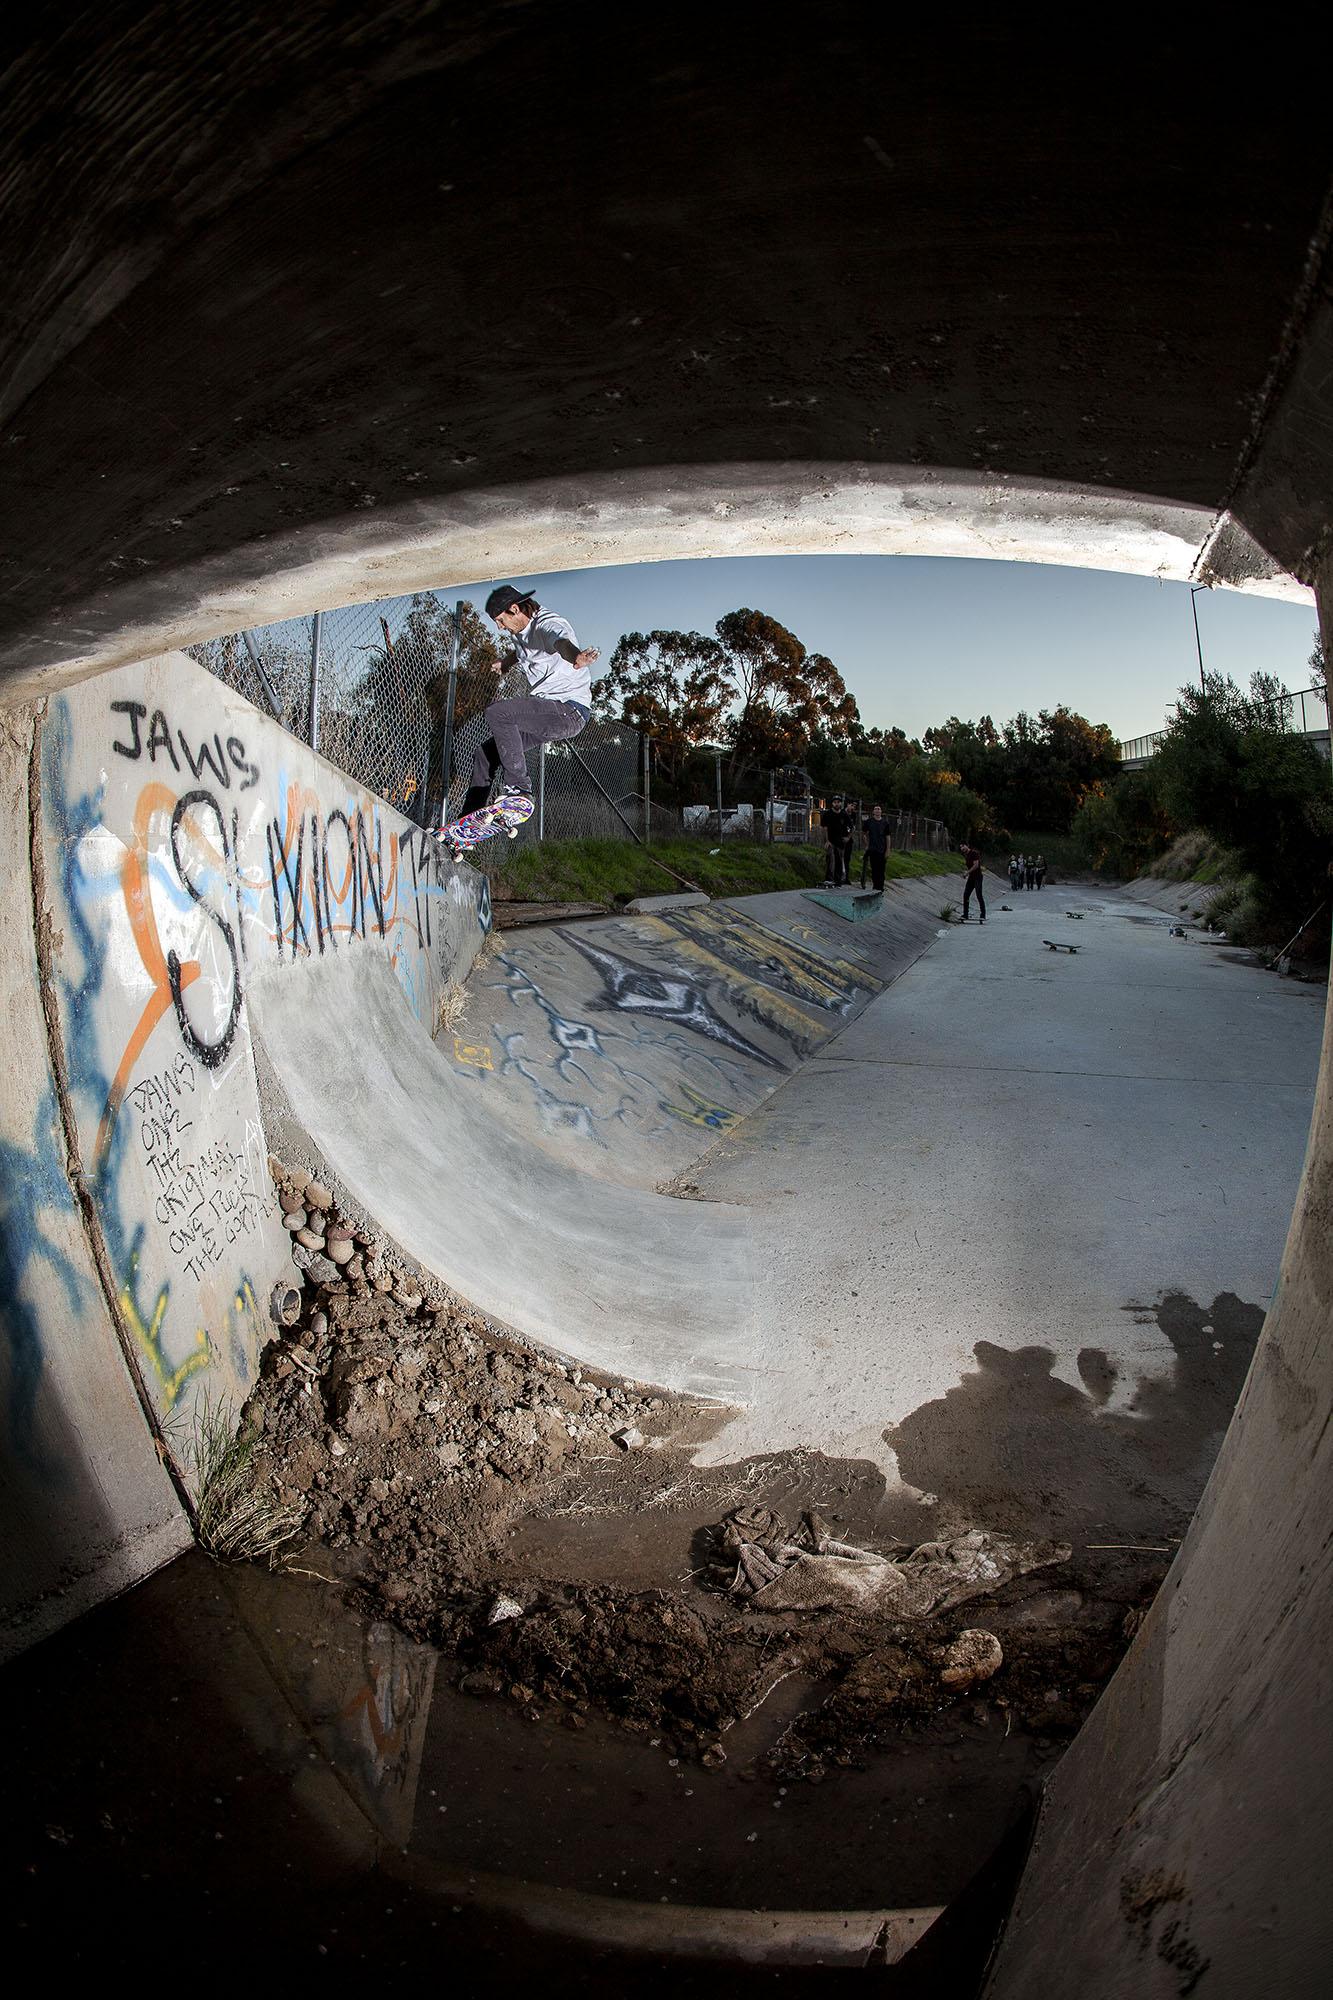 Pat Duffy, San Diego